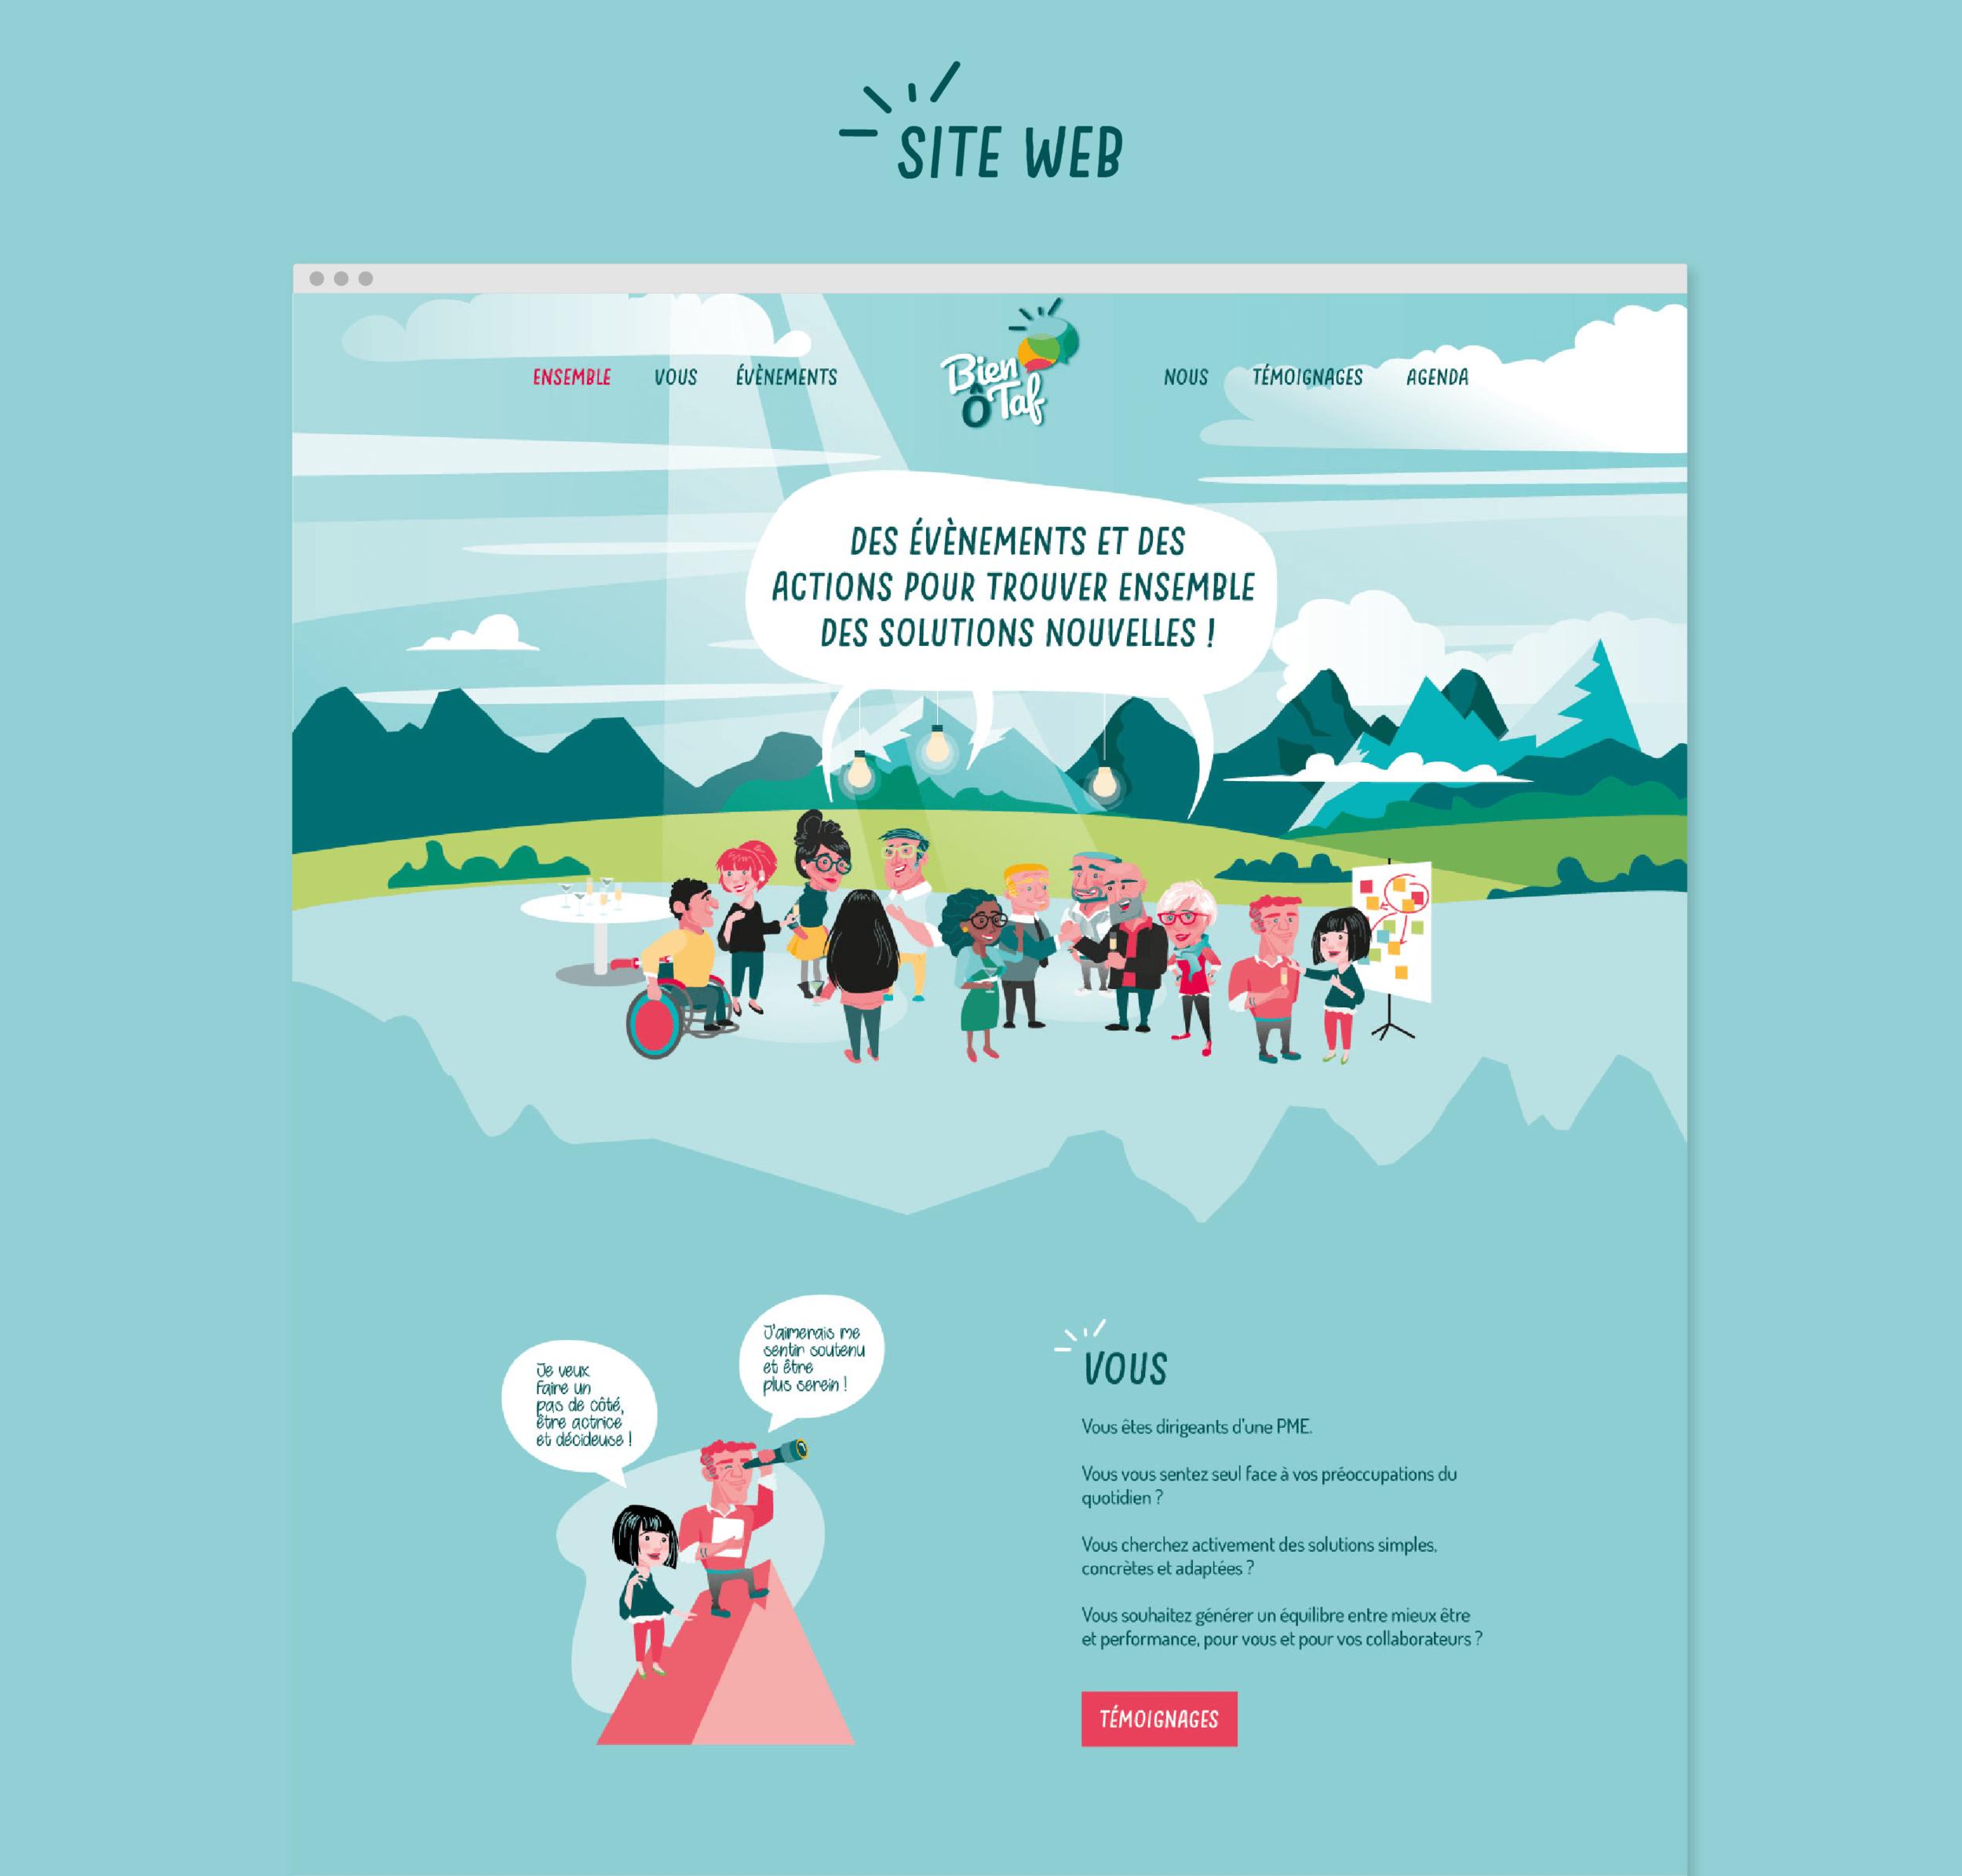 bienotaf_identite_visuelle_design_graphique_site_web_presentation_personnages.png